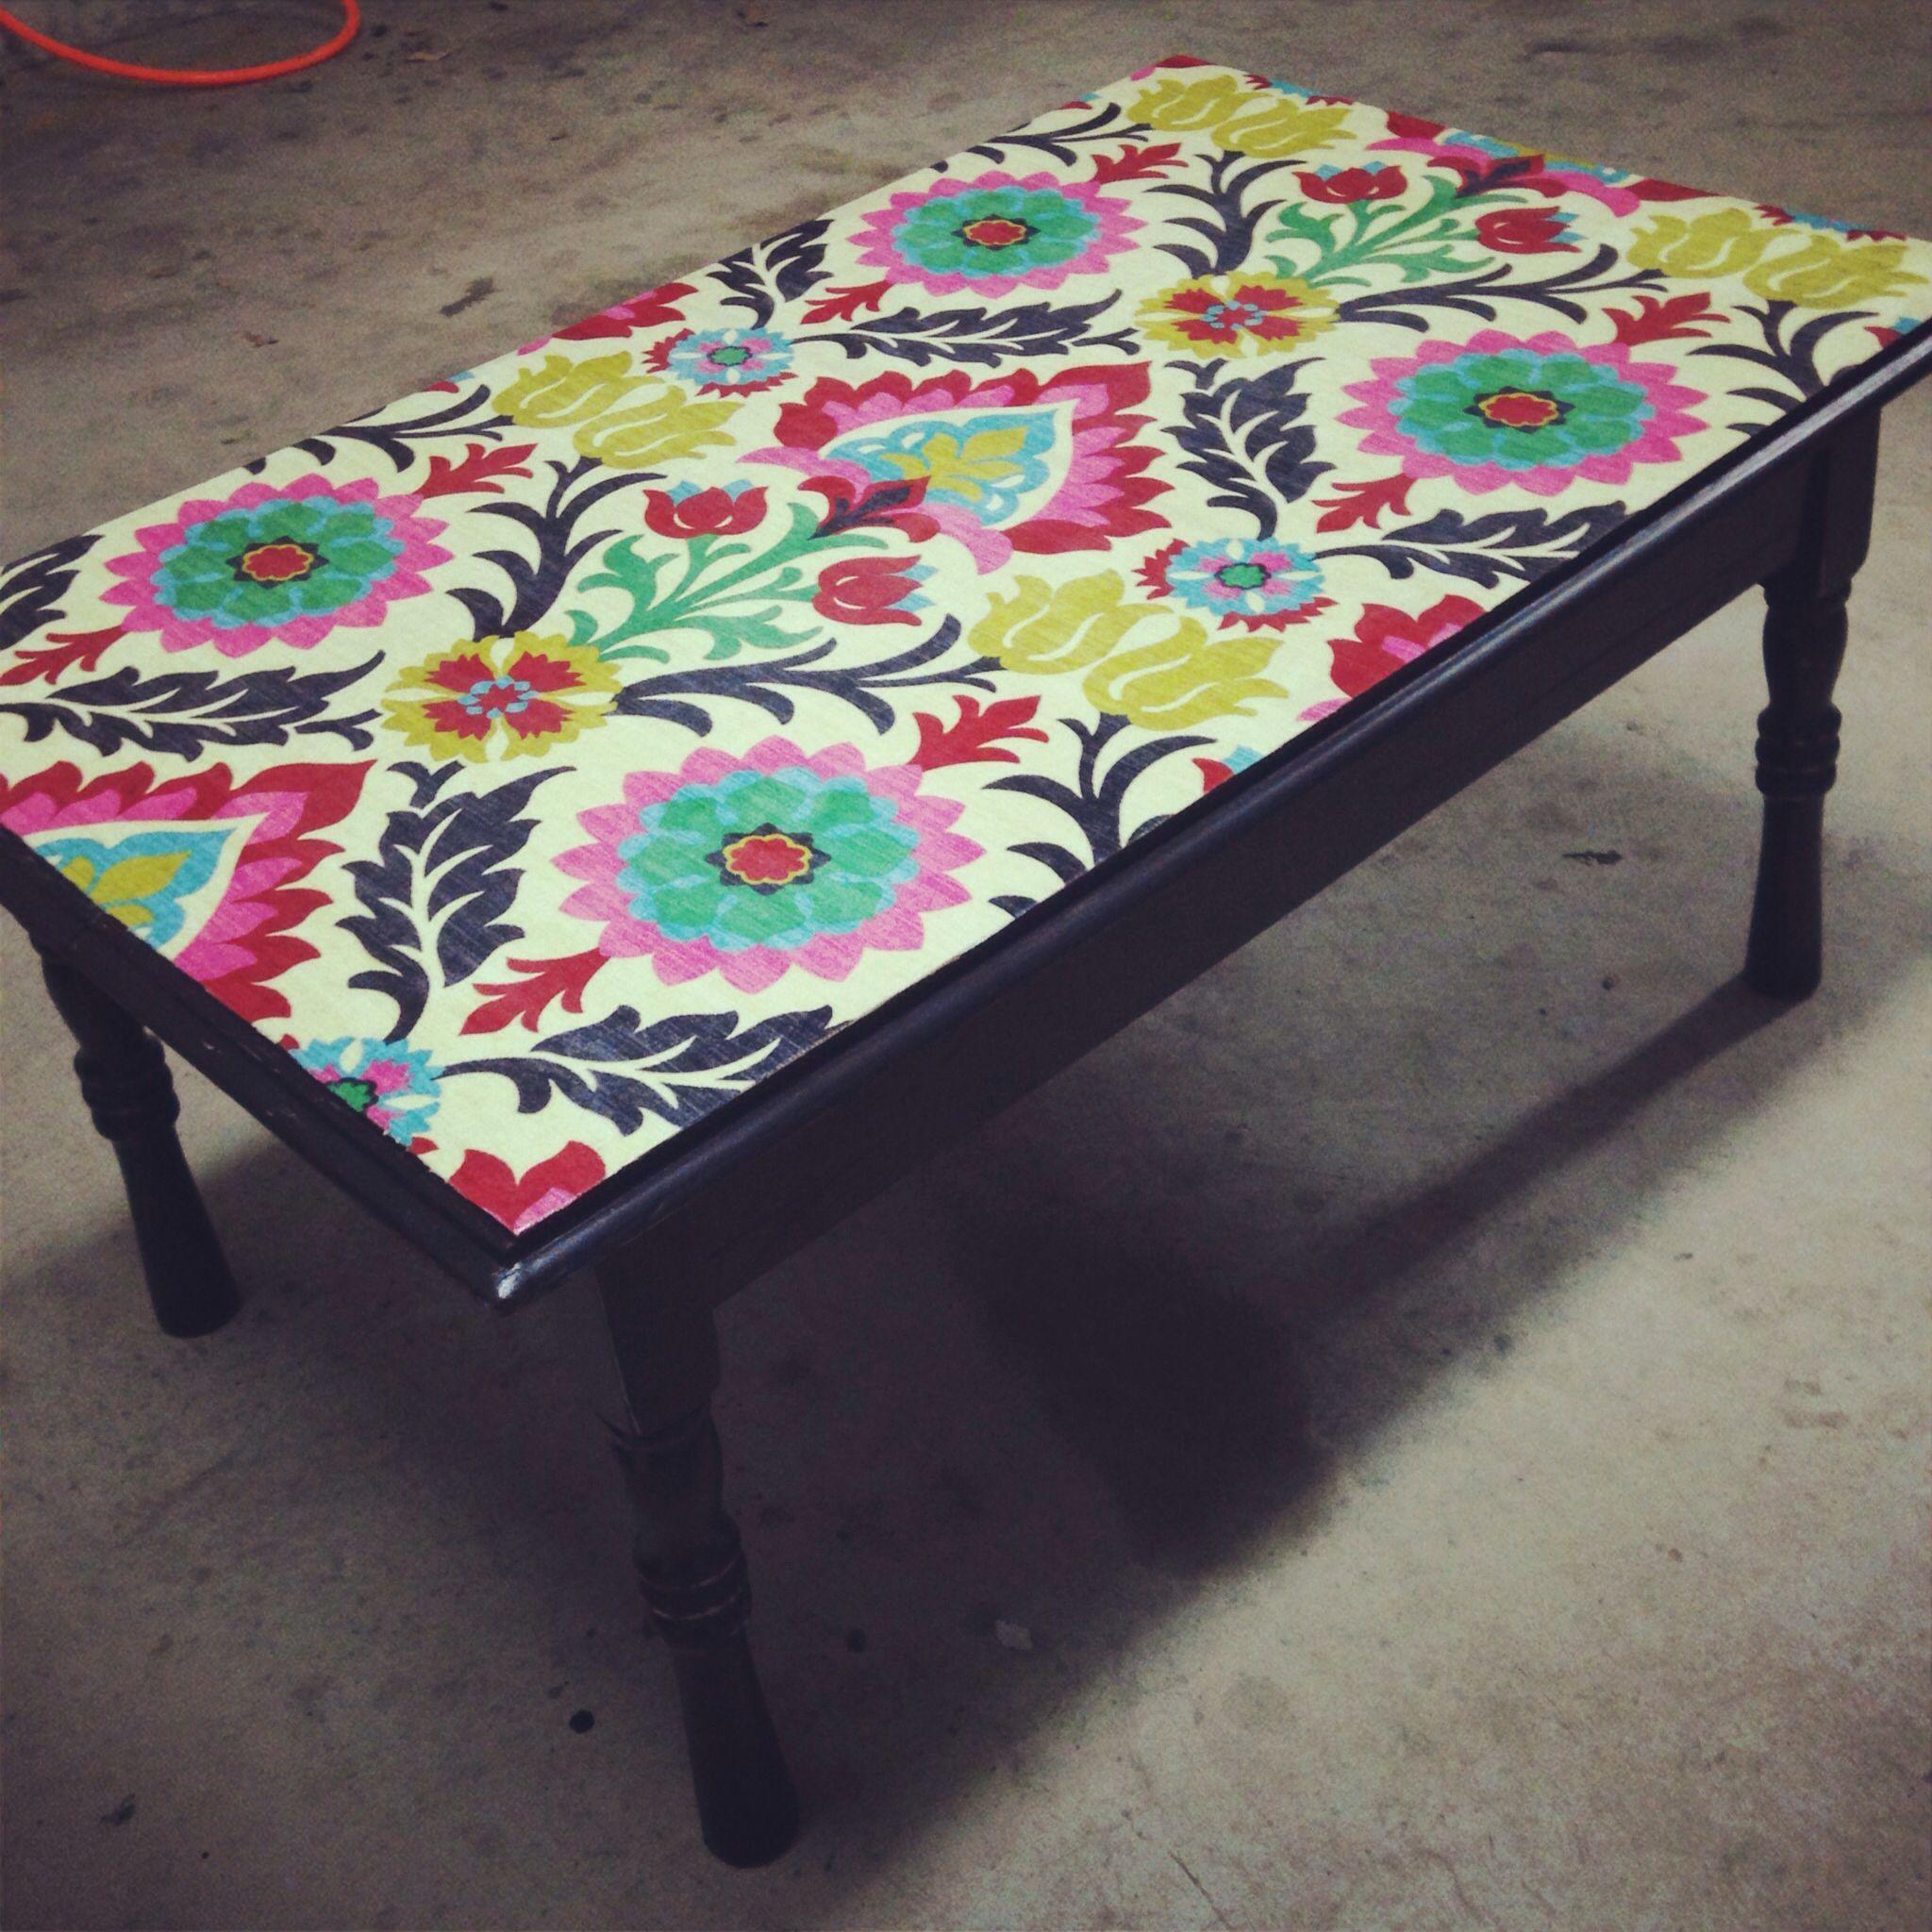 Mod Podge (decoupage) fabric onto a castaway coffee table ...